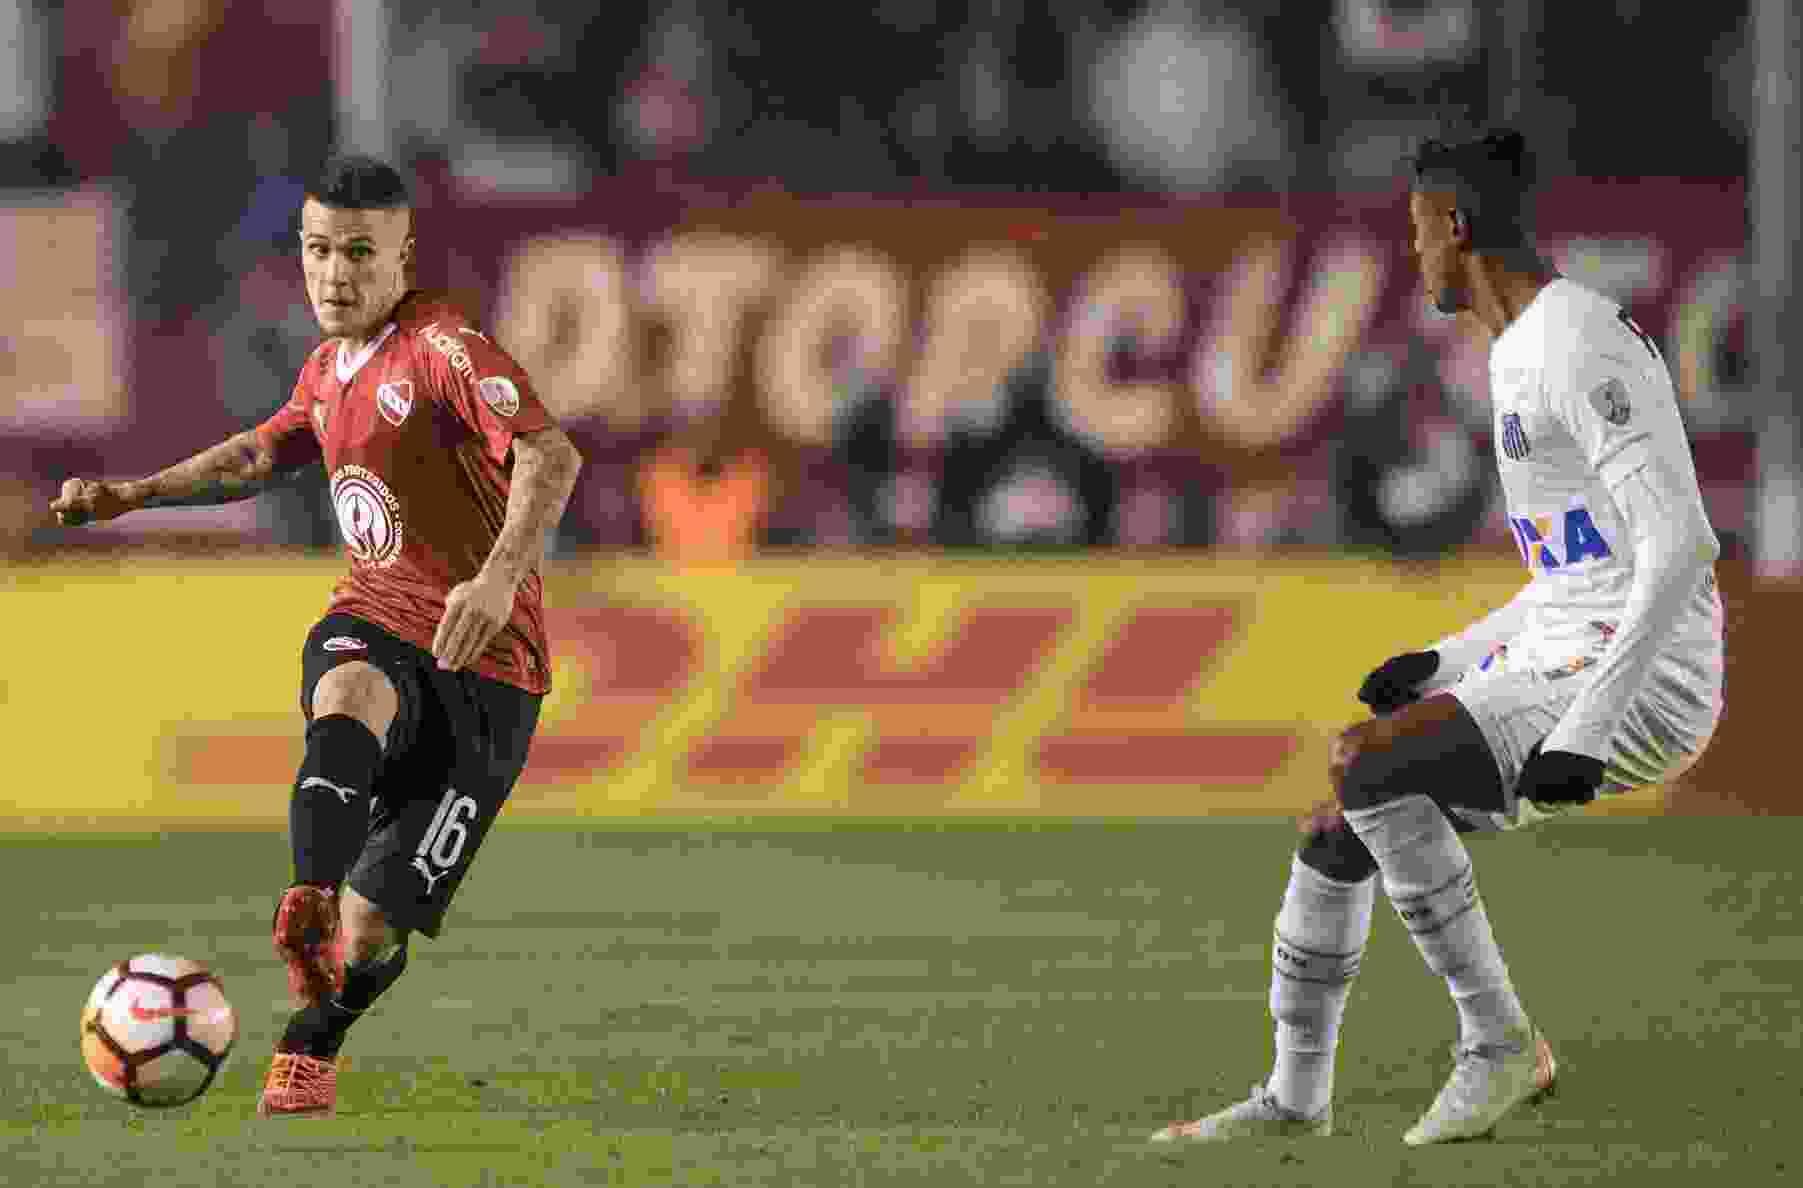 La última vez que se enfrentaron Independiente y Santos fue en el 2018 por la Copa Libertadores.